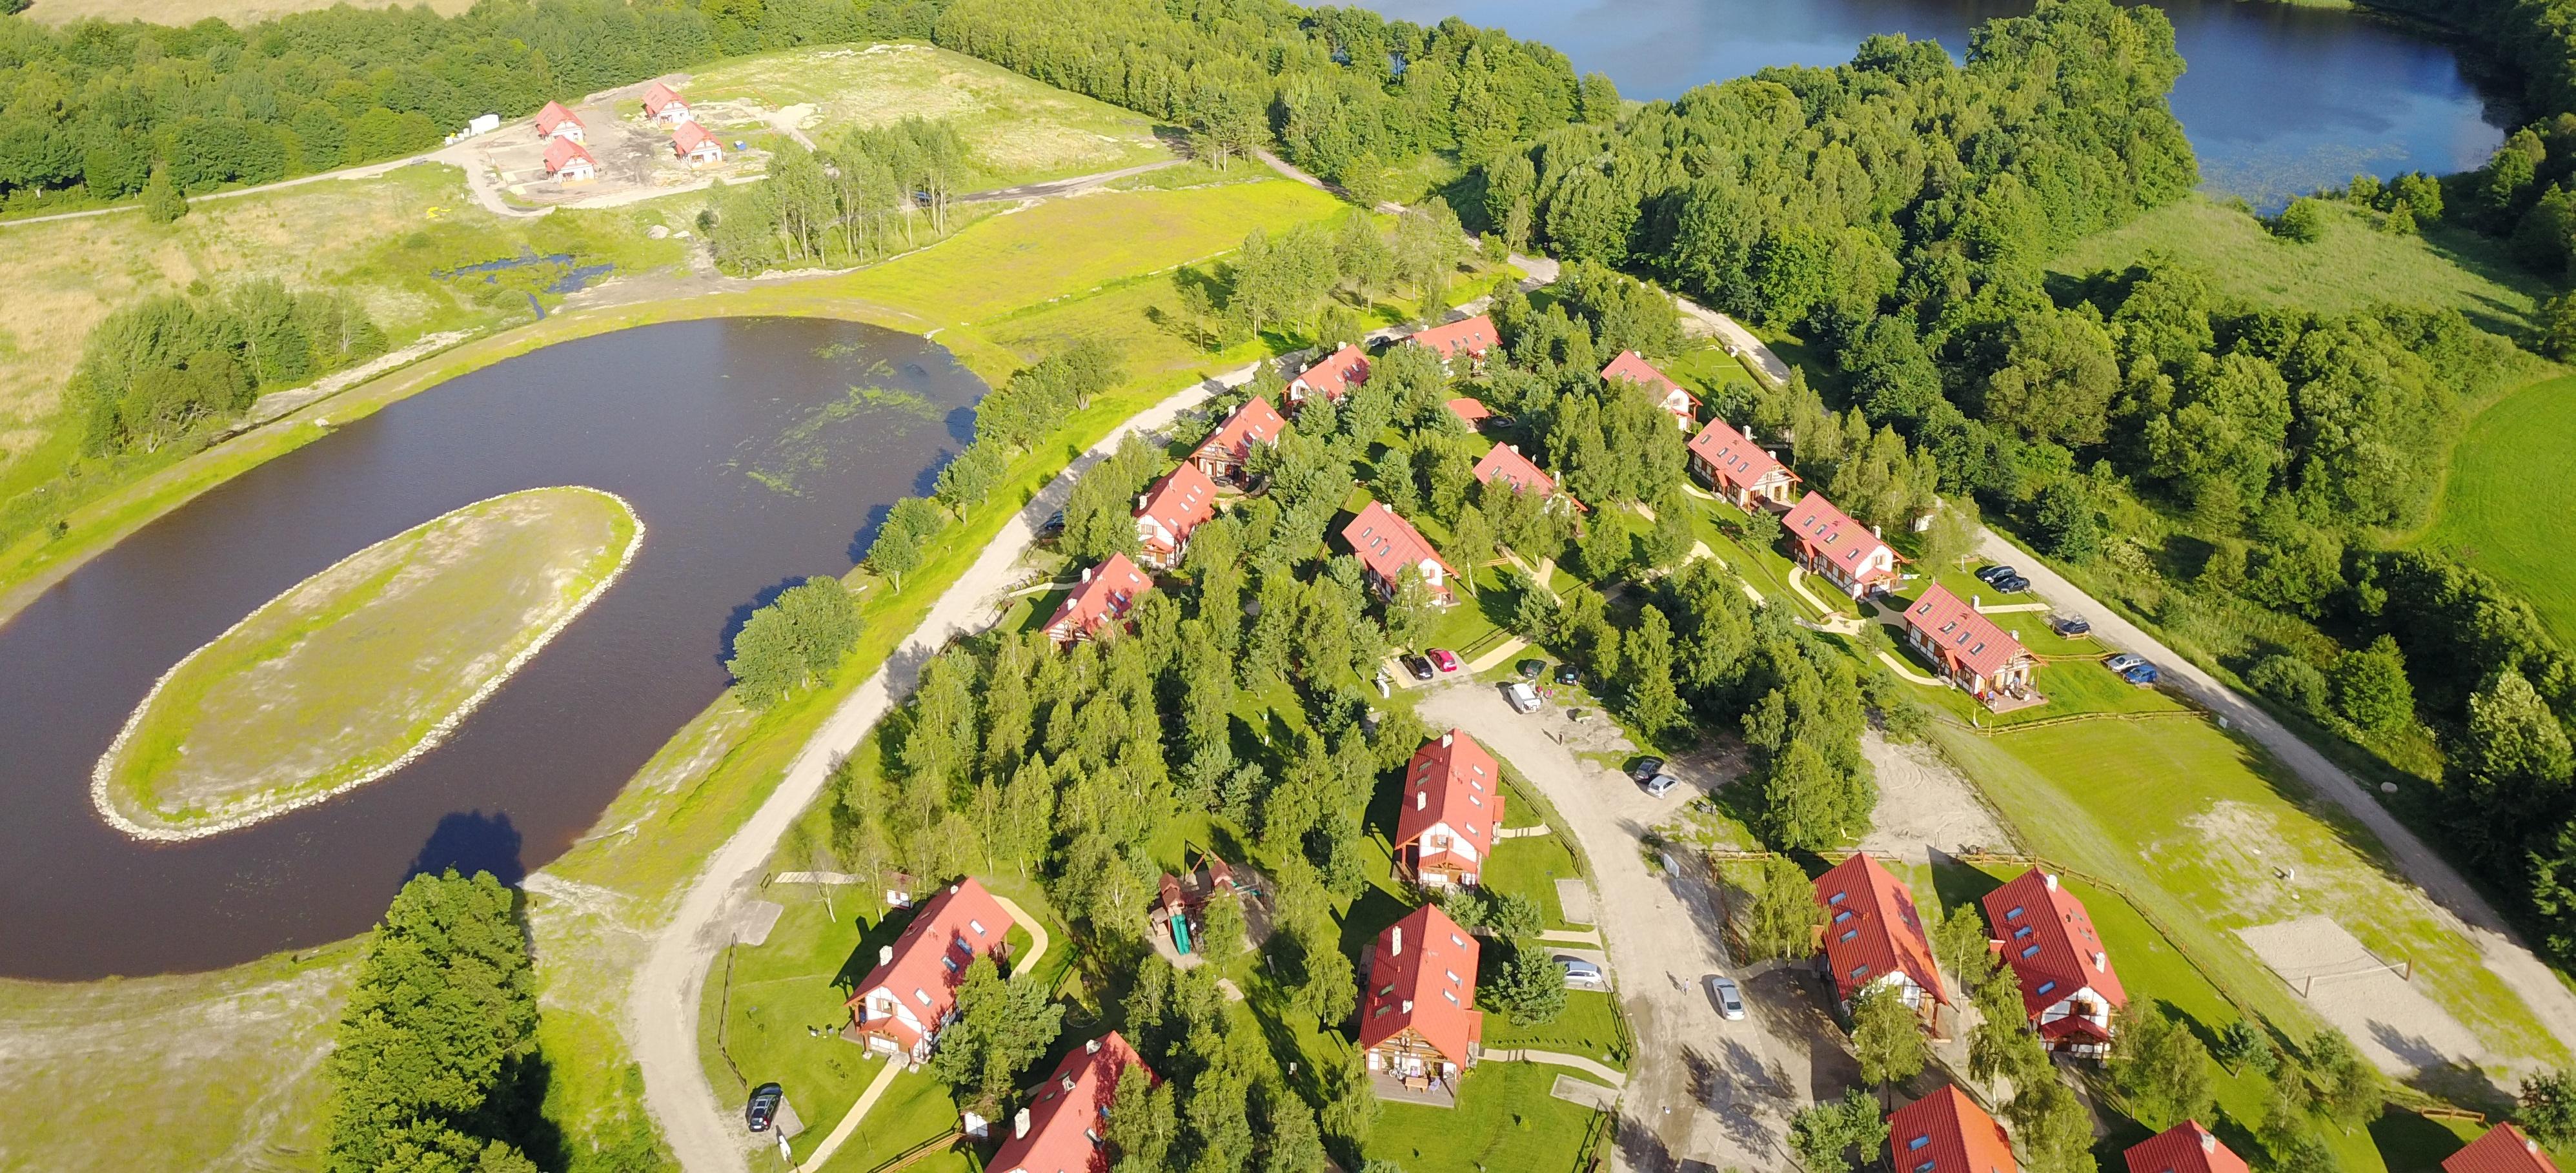 Barkocin Village - construction